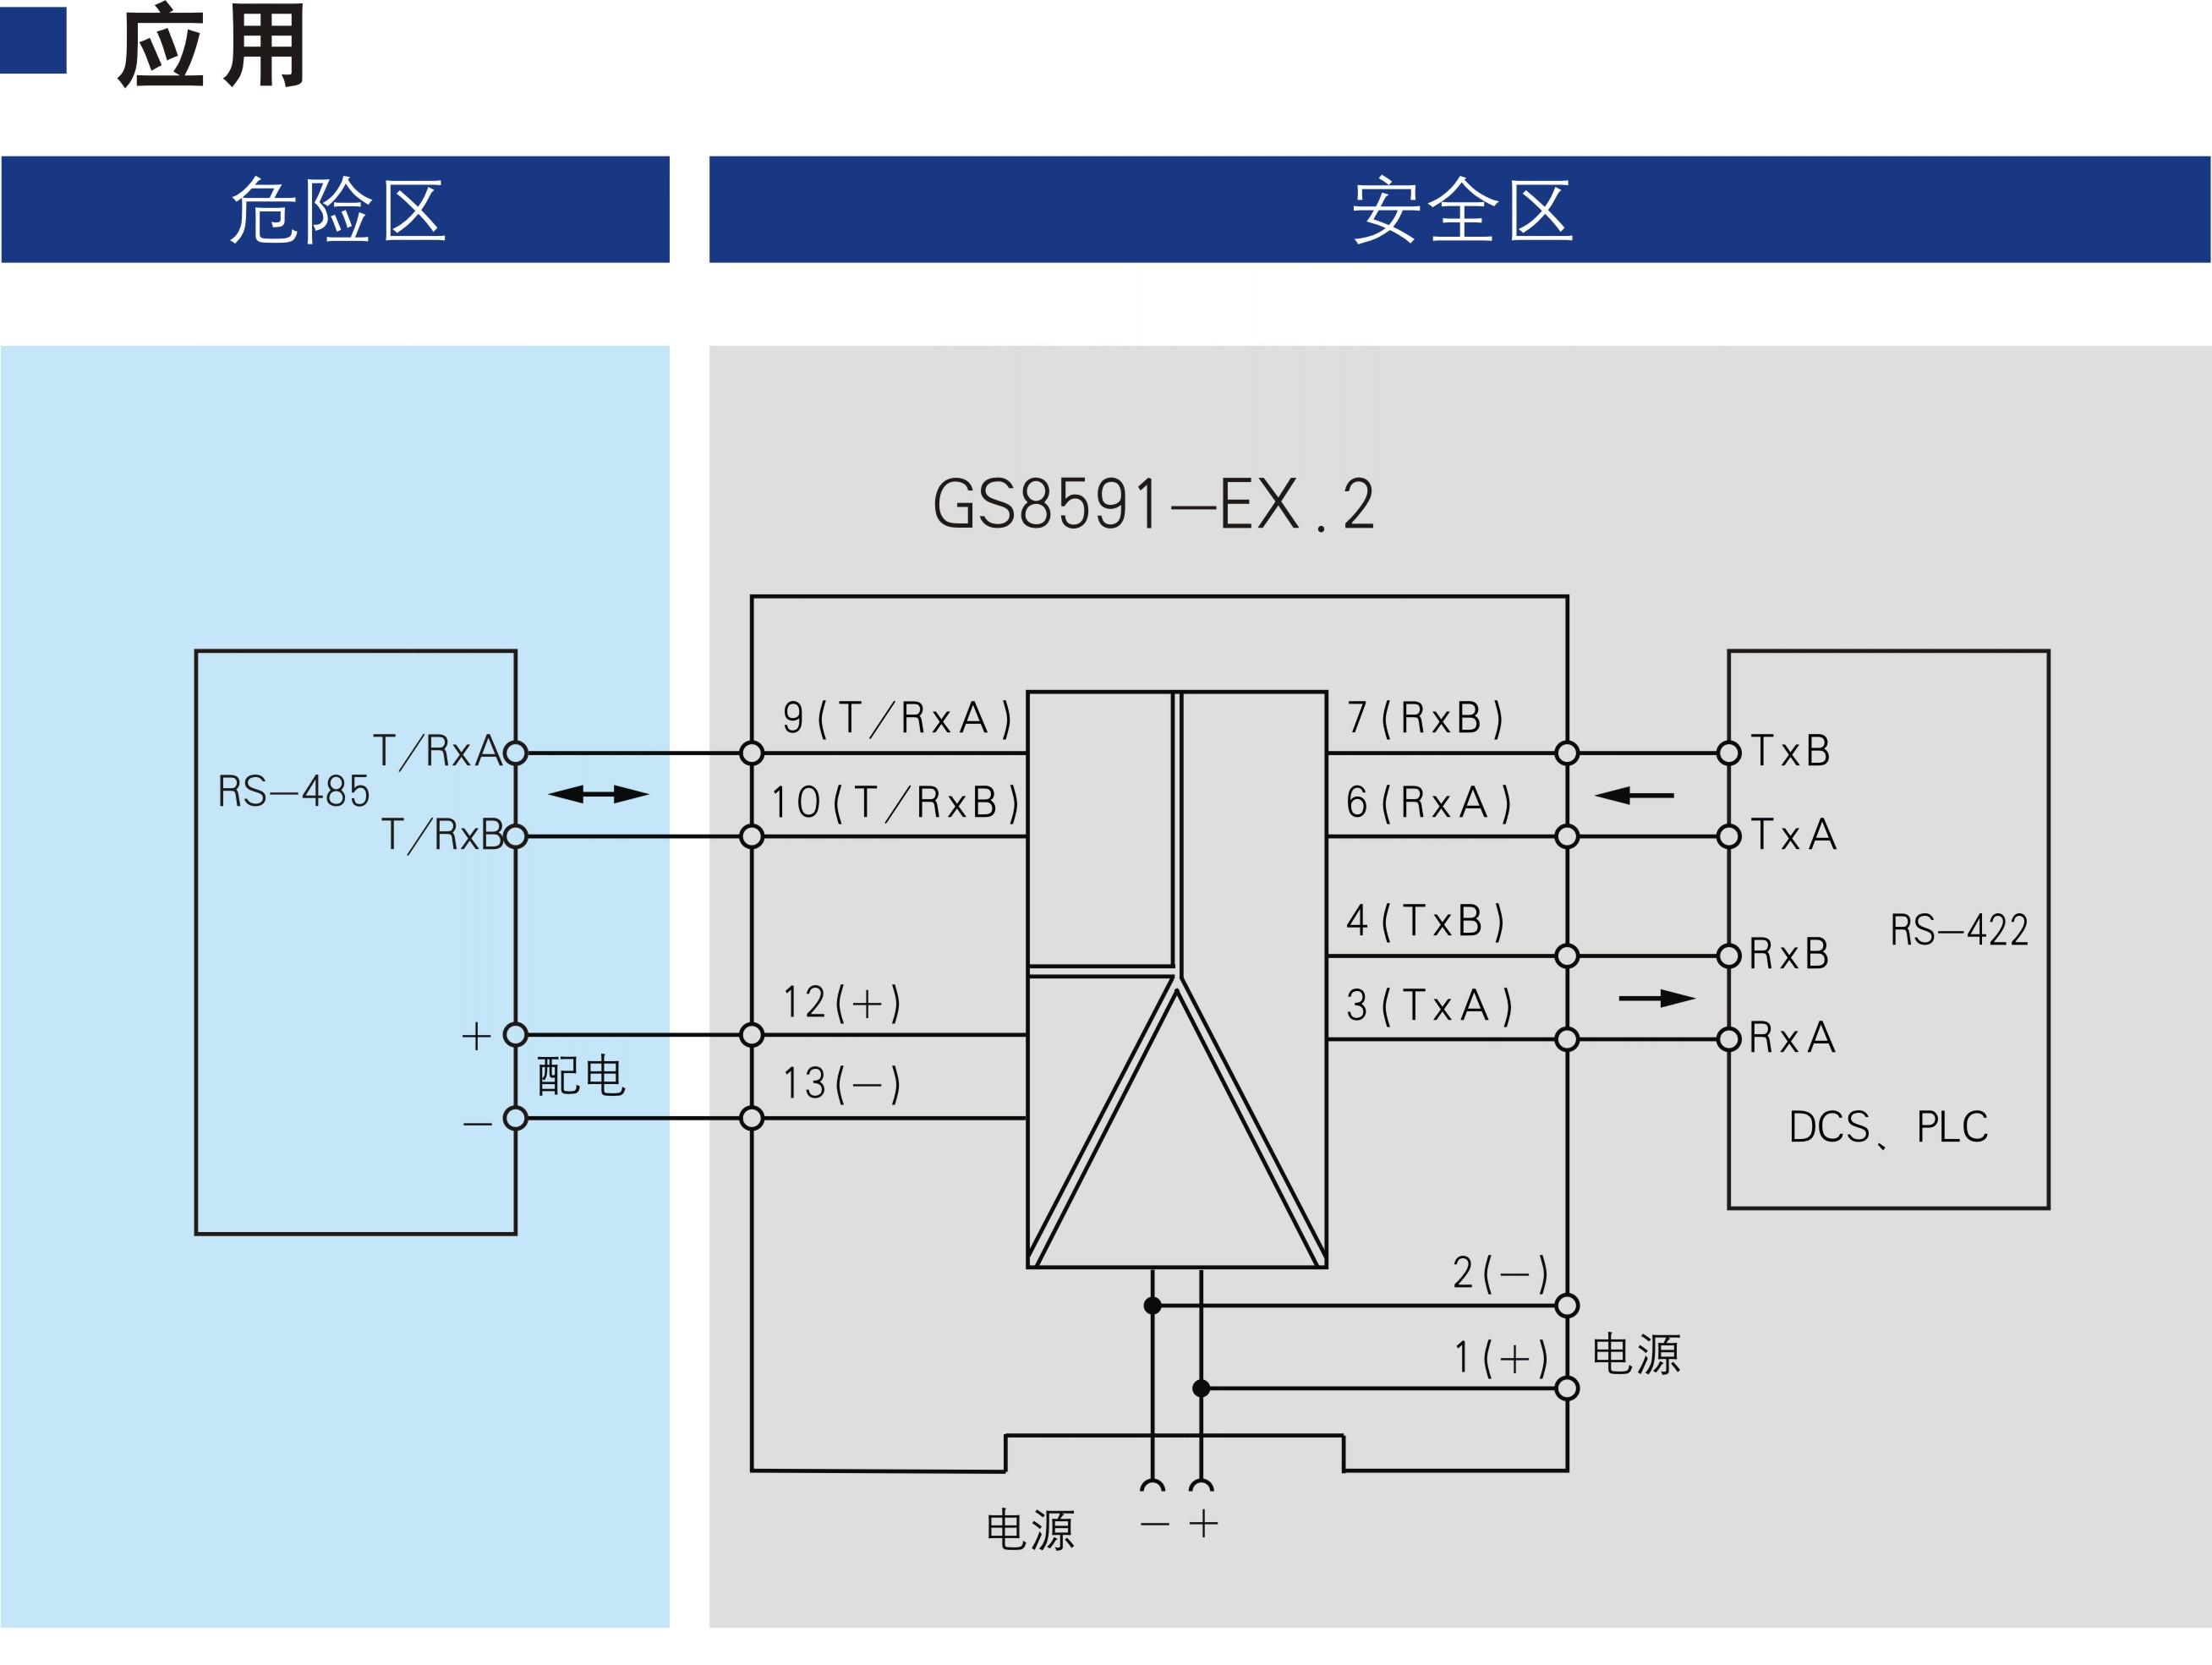 一进一出 RS-485半双工输入RS-485全双工输出隔离式安全栅